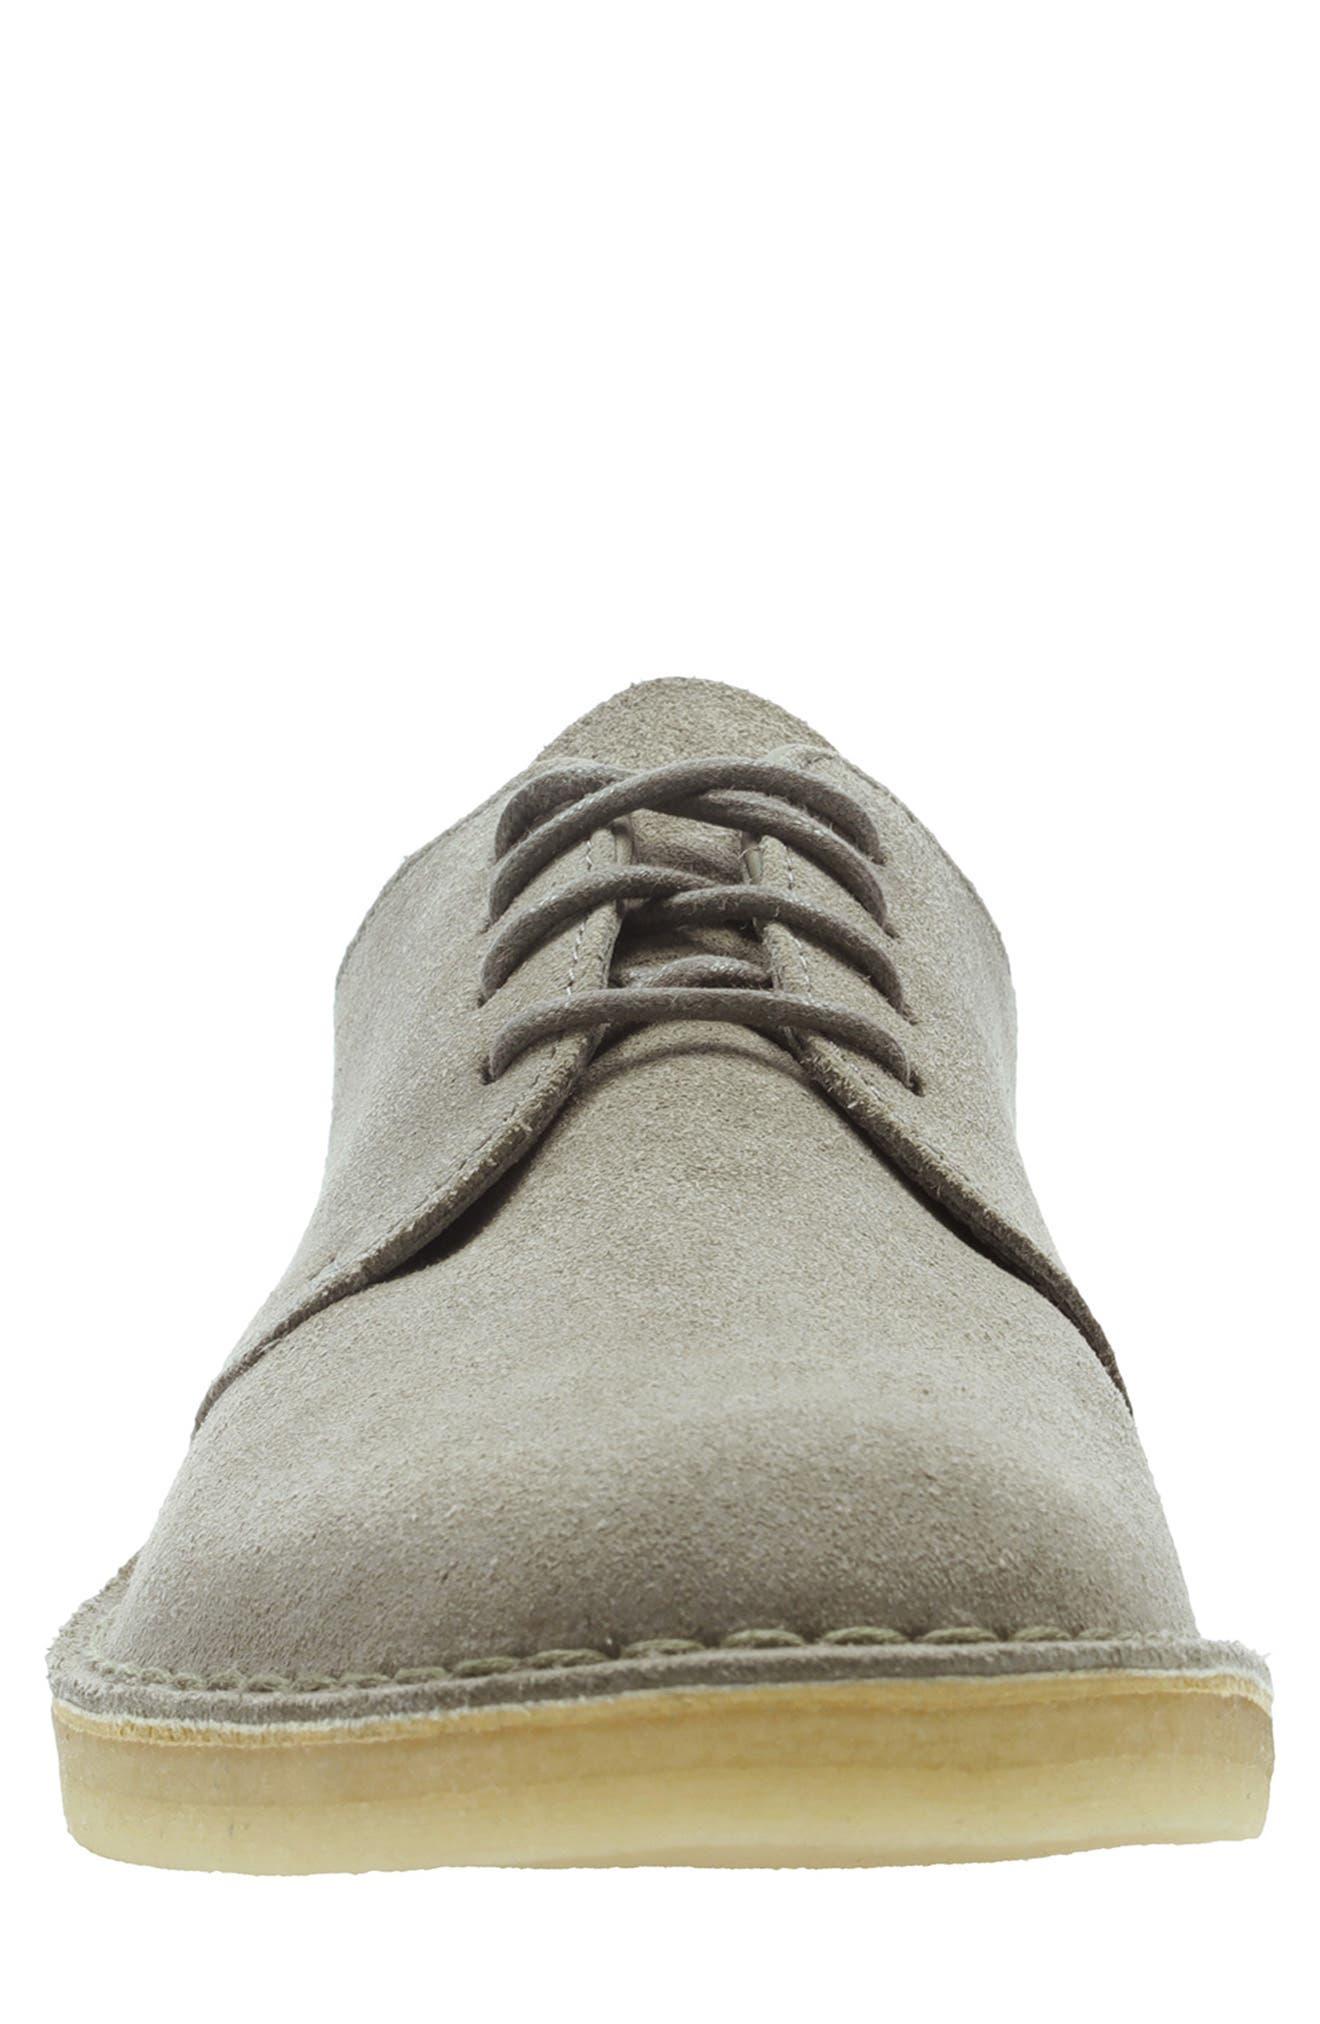 Clarks<sup>®</sup> 'Desert London' Plain Toe Derby,                             Alternate thumbnail 3, color,                             GREY SUEDE